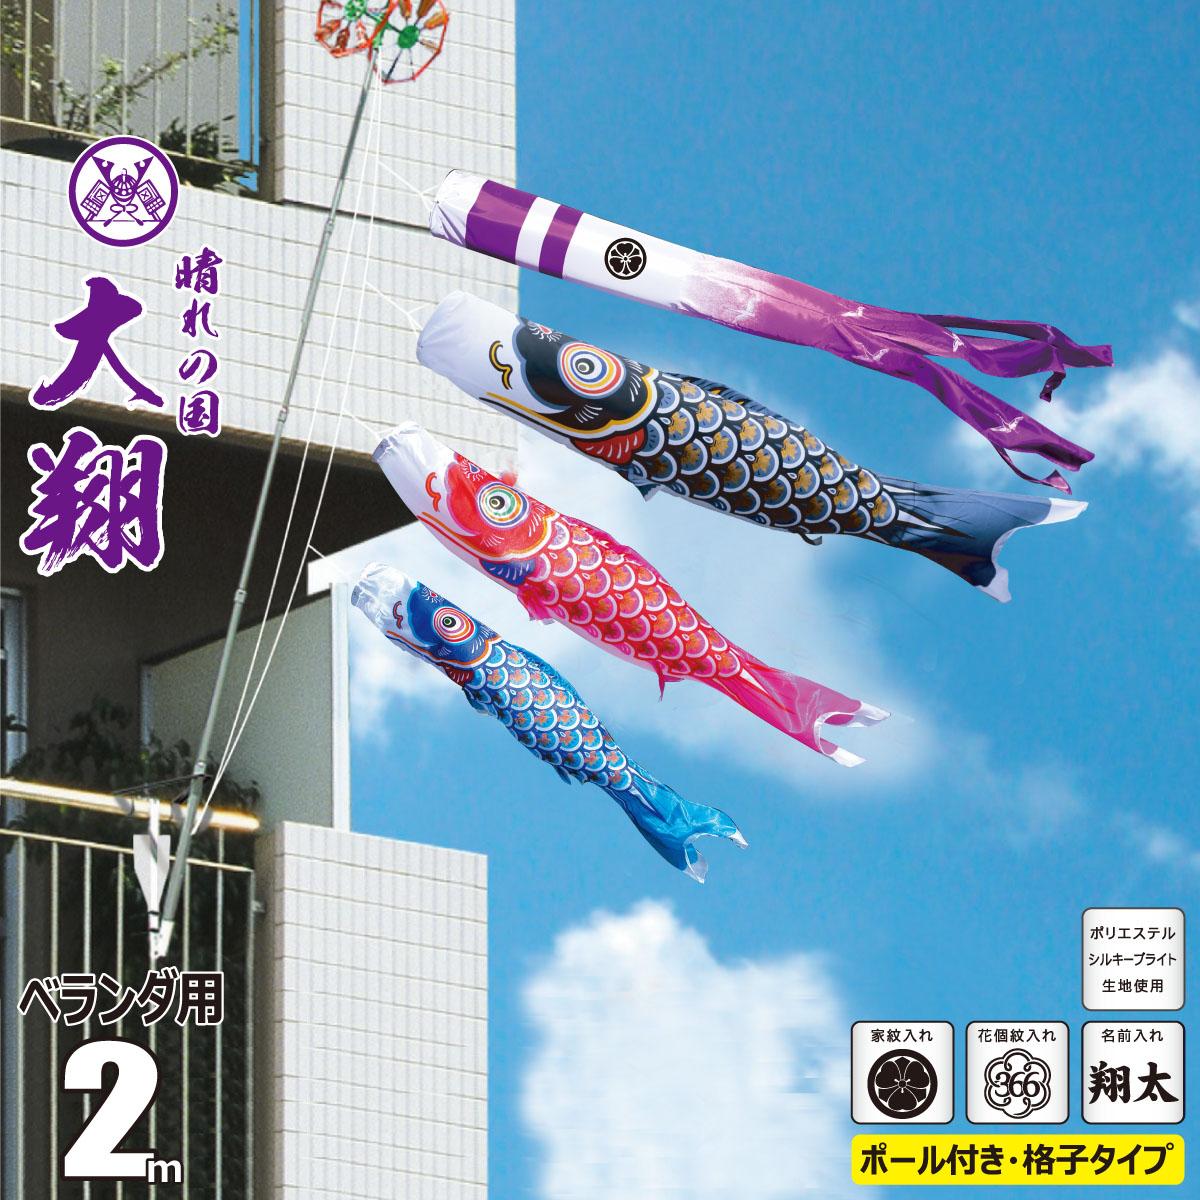 こいのぼり 2m 大翔 6点 (矢車、ロープ、吹流し、鯉3匹) ベランダ用 ファミリーセット (ベランダ用 取付金具付き) 徳永鯉のぼり KIT-003-919